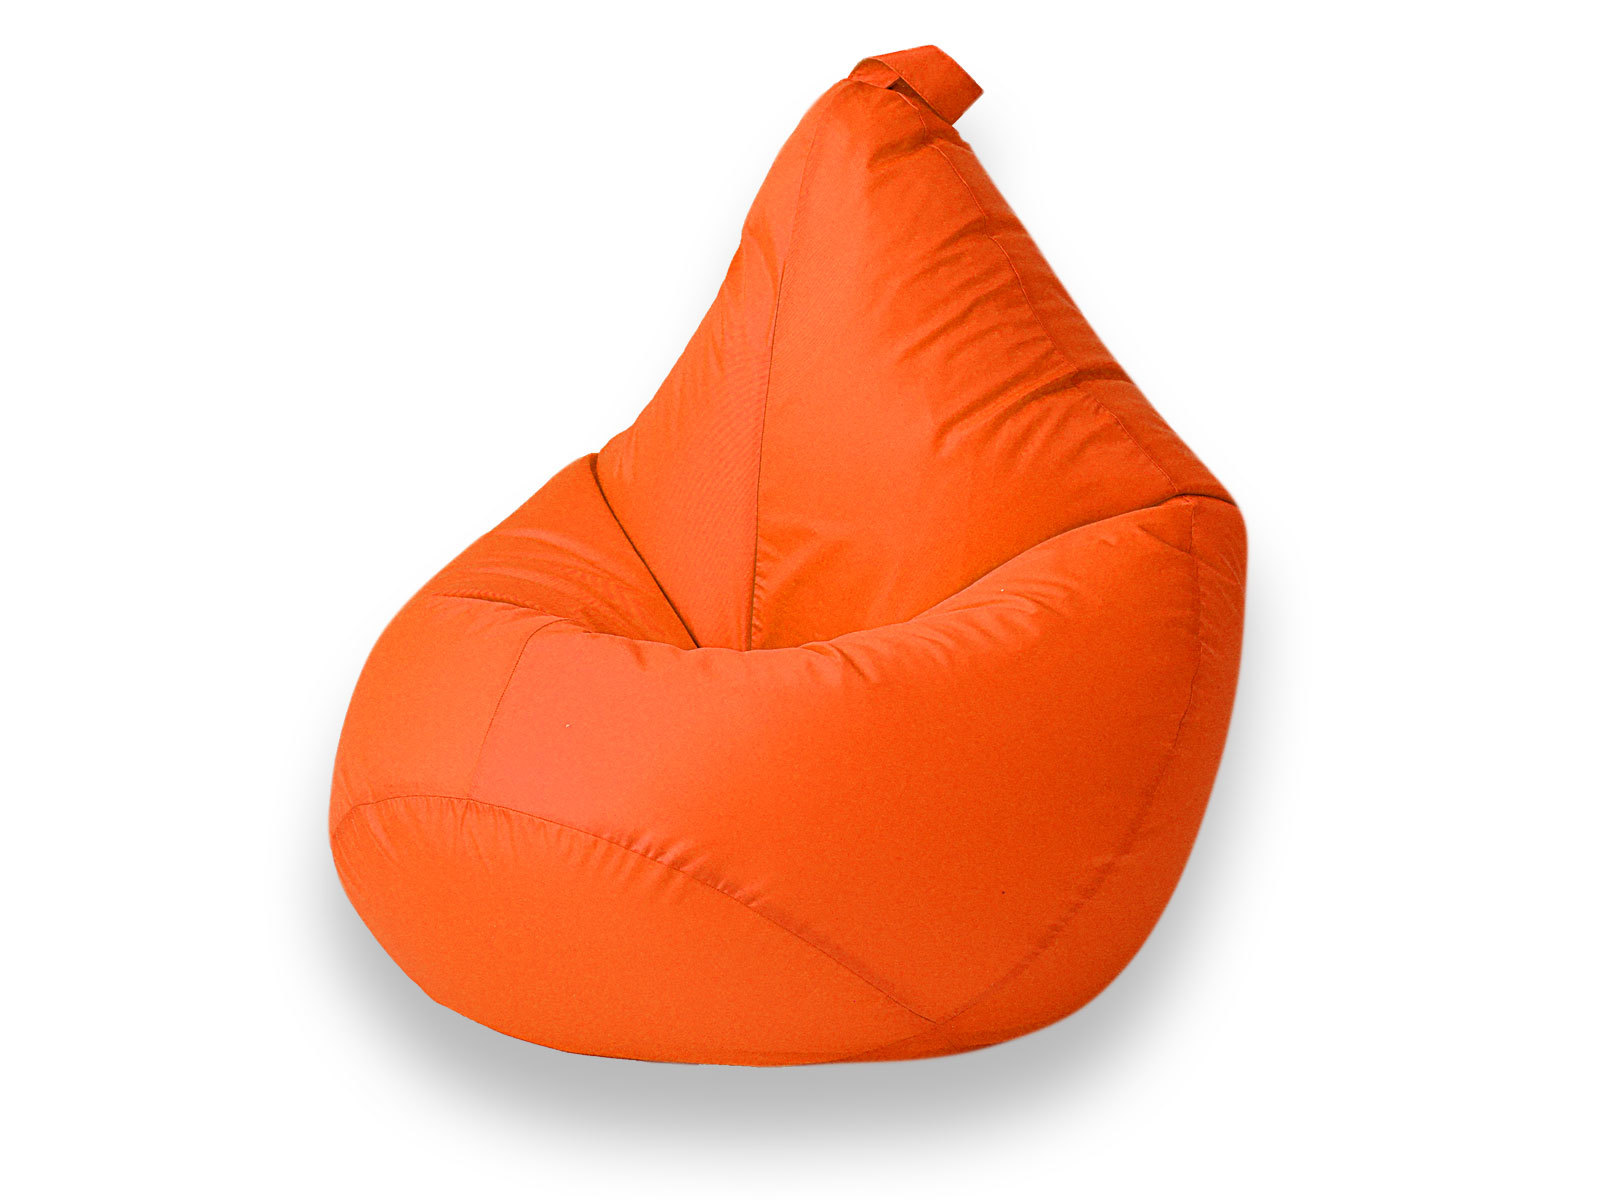 Кресло-мешок БингбэгКресла-мешки<br>Эти замечательные  кресла-мешки занимают совсем немного места, а подойдут и взрослым, и детям!                                                                          Внешний чехол: съемный, на молнии из водоотталкивающей ткани по тактильным ощущениям напоминает курточную ветровочную ткань.<br>Внутренний мешок: имеет молнию для самостоятельного пополнения мешка гранулами, cистема db-lock - защита от открытия детьми.                            Наполнитель: гранулы пенополистирола (пенопласта)1-2 мм, очень мягкий и легкий.                                         <br>Использование: внутри и вне помещений, так как ткань водоотталкивающая можно использовать  на природе, на даче.  <br>Максимальная нагрузка на кресло 80 кг.                                                                                                                       <br>Уход: Внешний чехол может быть постиран в стиральной машине при температуре не выше 30*. <br>Не отжимать, не гладить.<br>Внимание! Вы получаете готовое, наполненное изделие.<br><br>Material: Текстиль